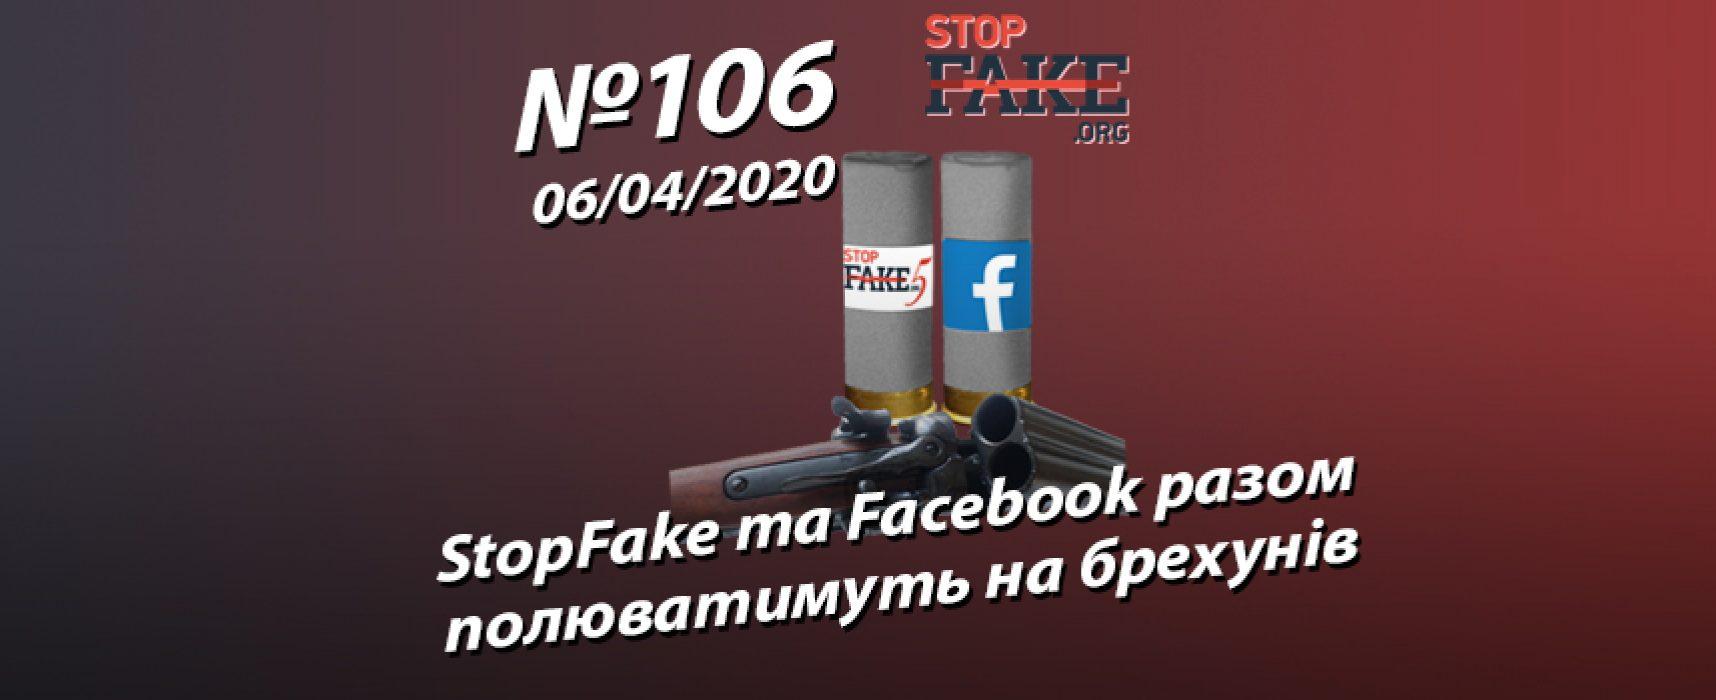 StopFake та Facebook разом полюватимуть на брехунів – StopFake.org